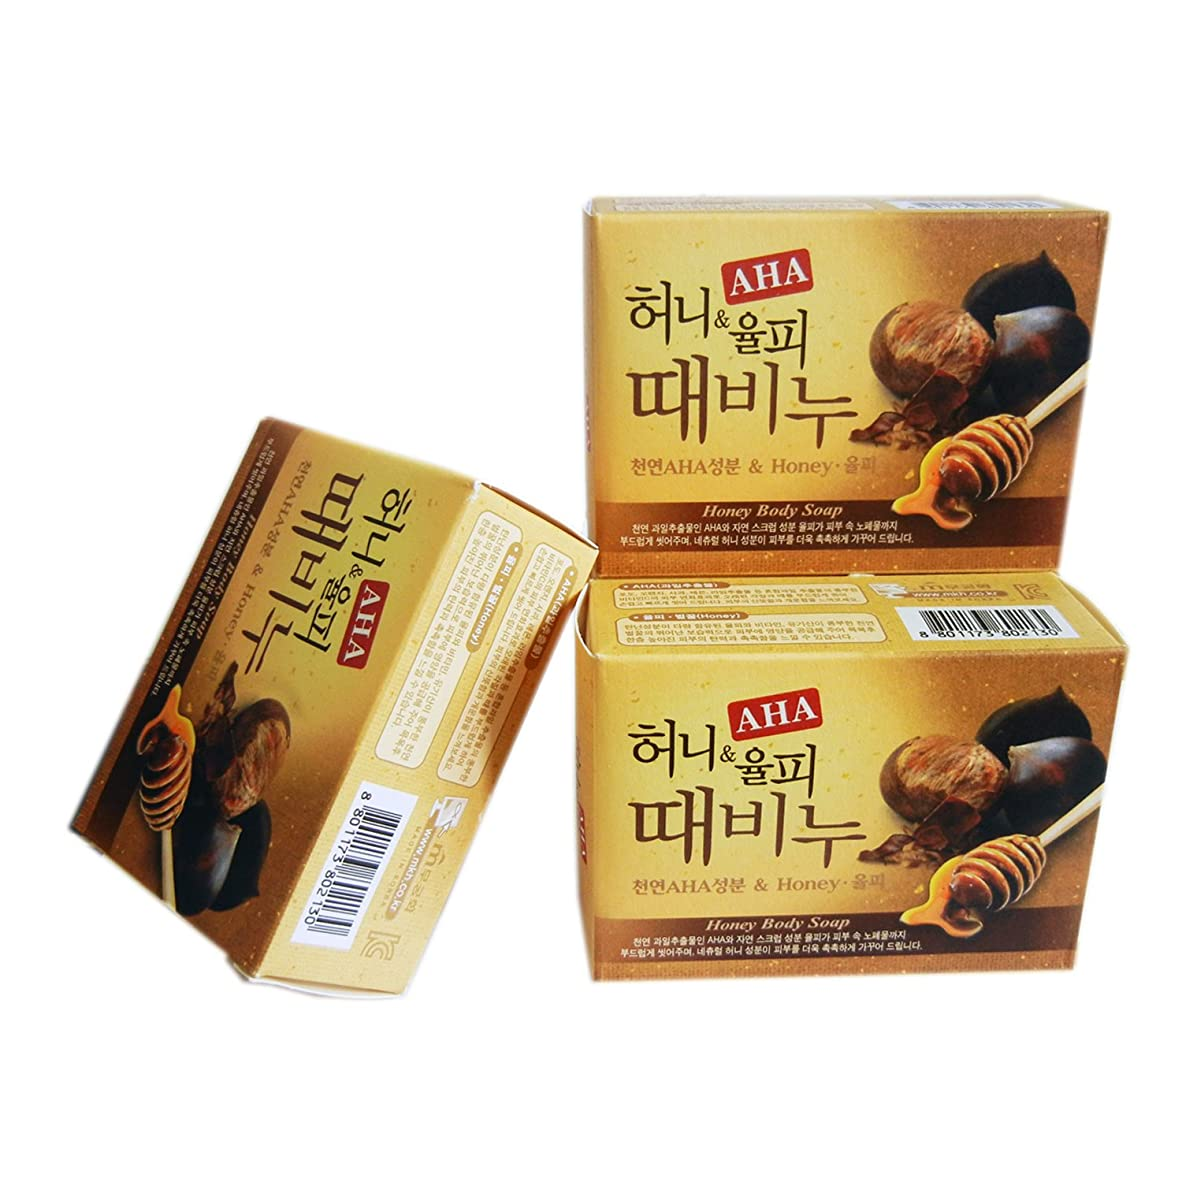 カブ代数的相関するMugunghwa Honey&Castanea Crenata Body Soap ムグンファ ハニー栗皮 垢石鹸 [並行輸入品]